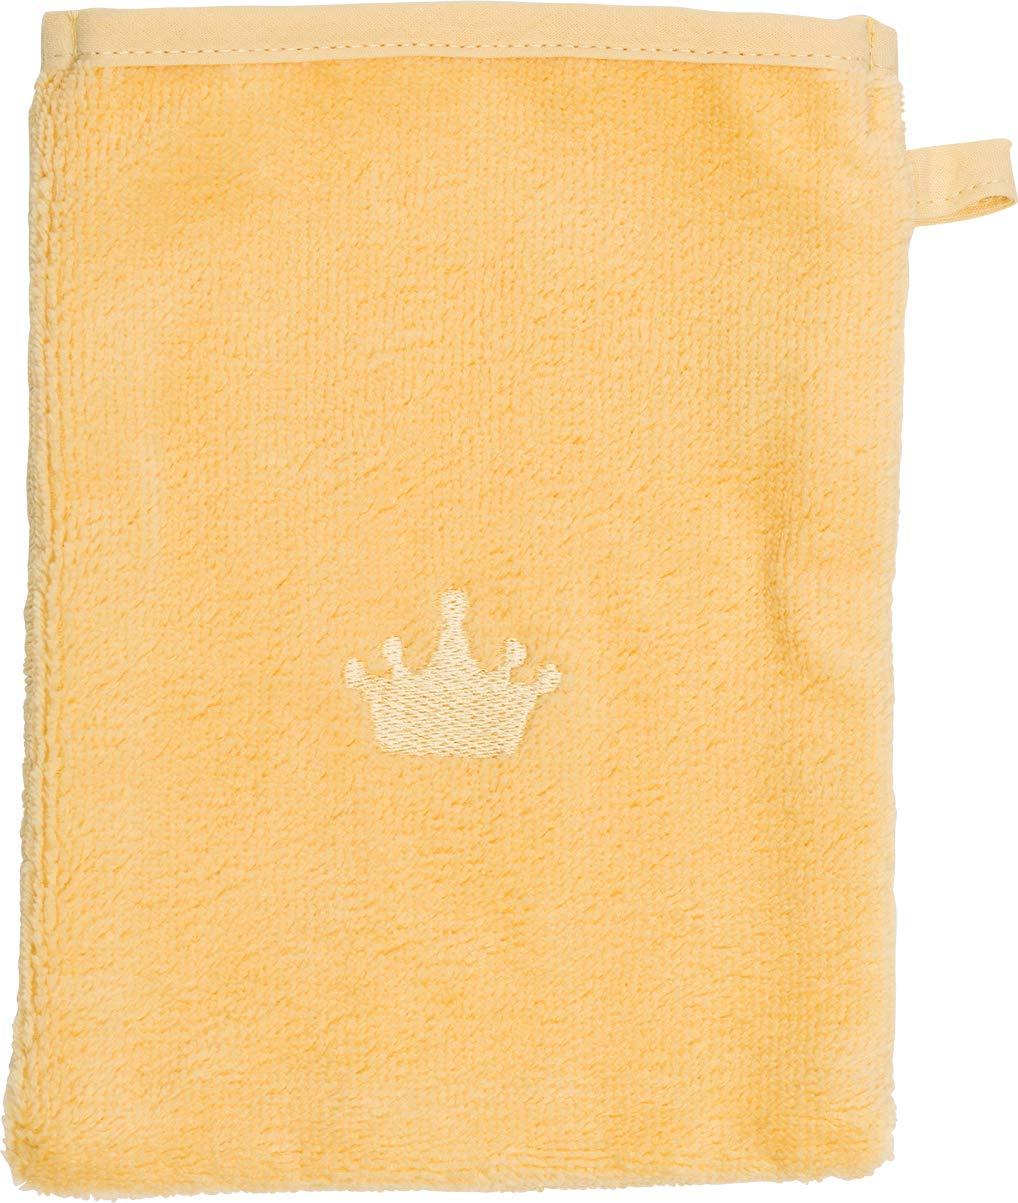 Waschlappen M/ädchen und Junge Farbe hellgelb Motiv KRONE Waschhandschuh von Smithy